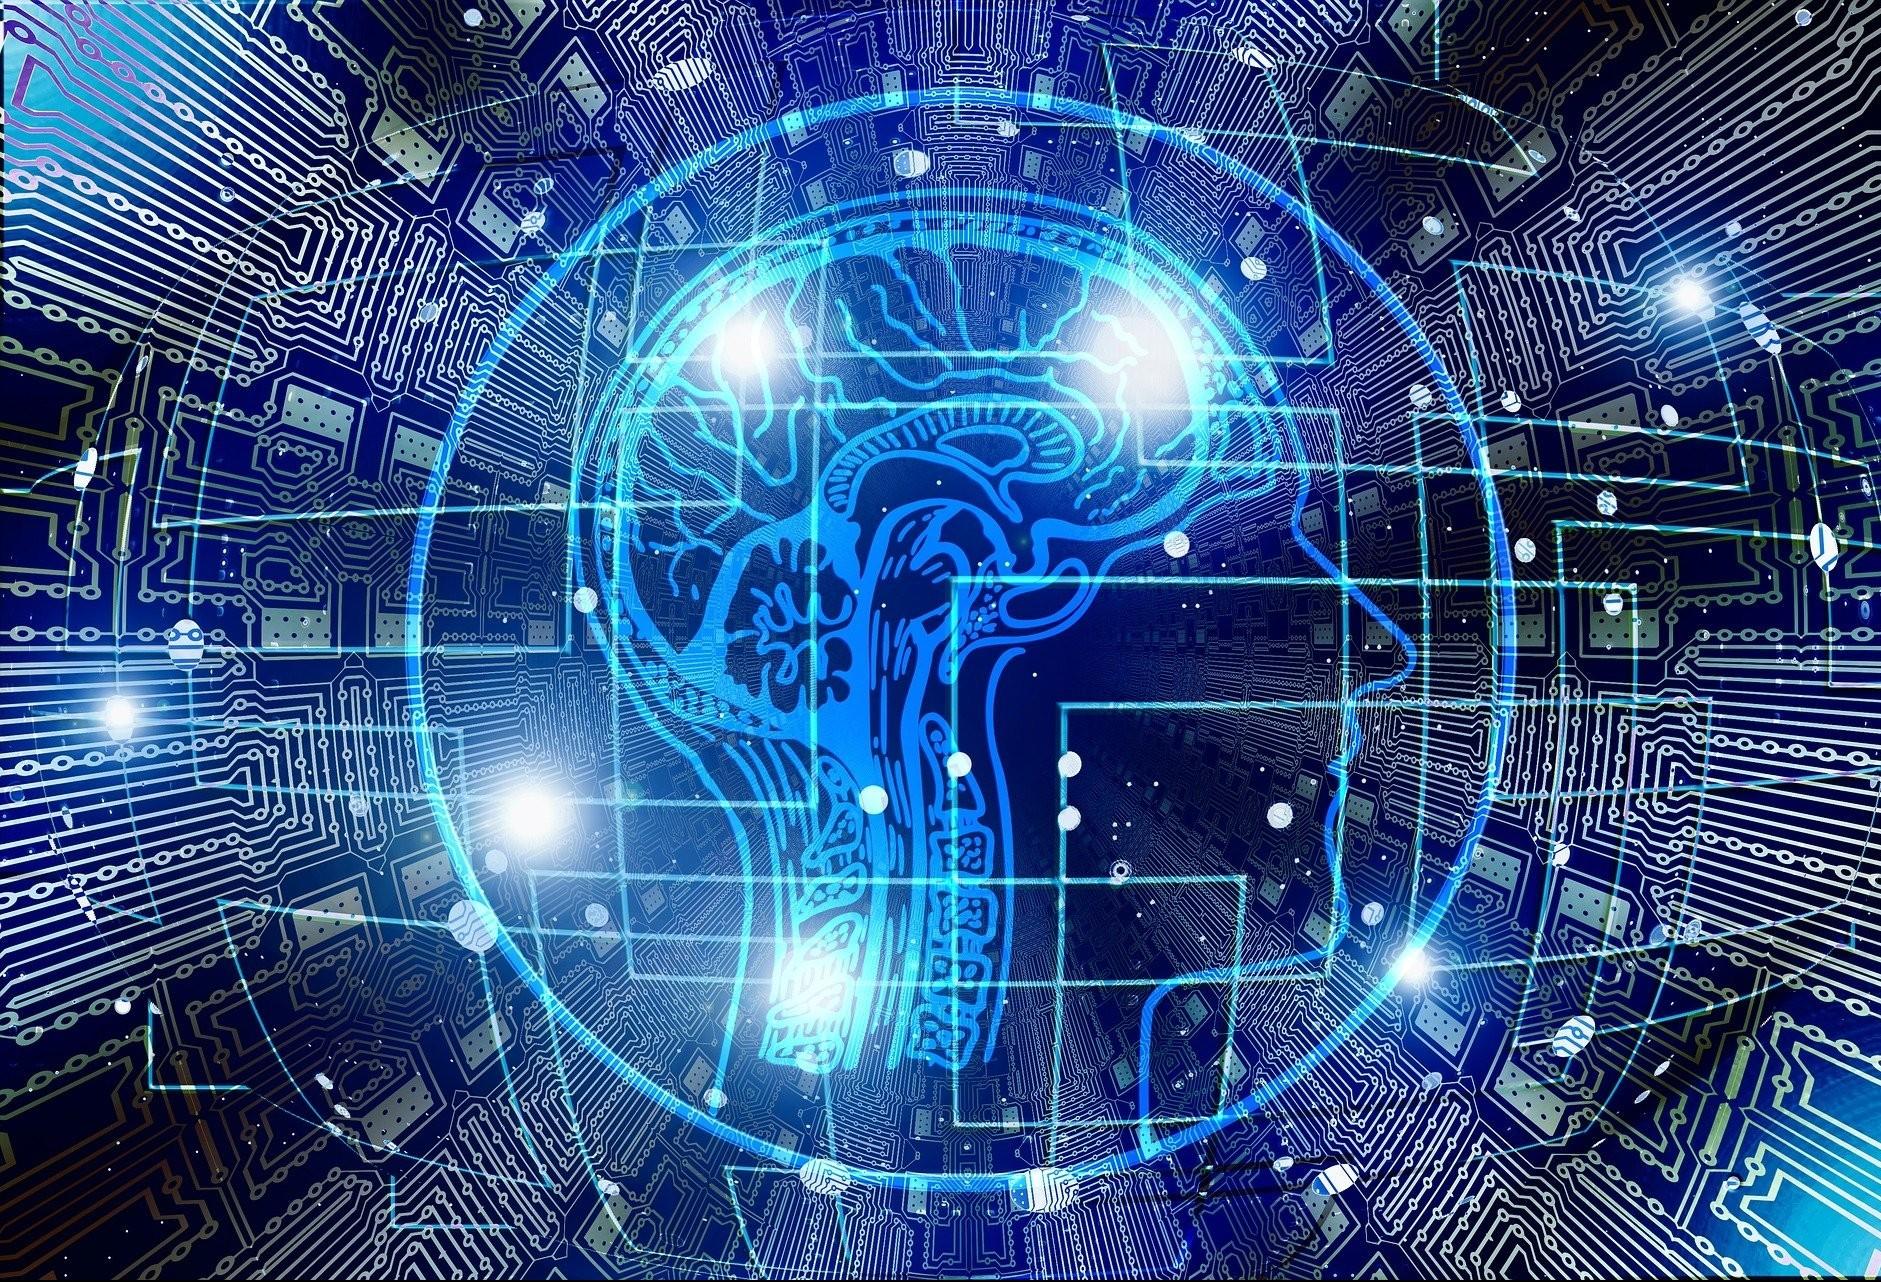 Huop estuda implantação de programa de inteligência artificial